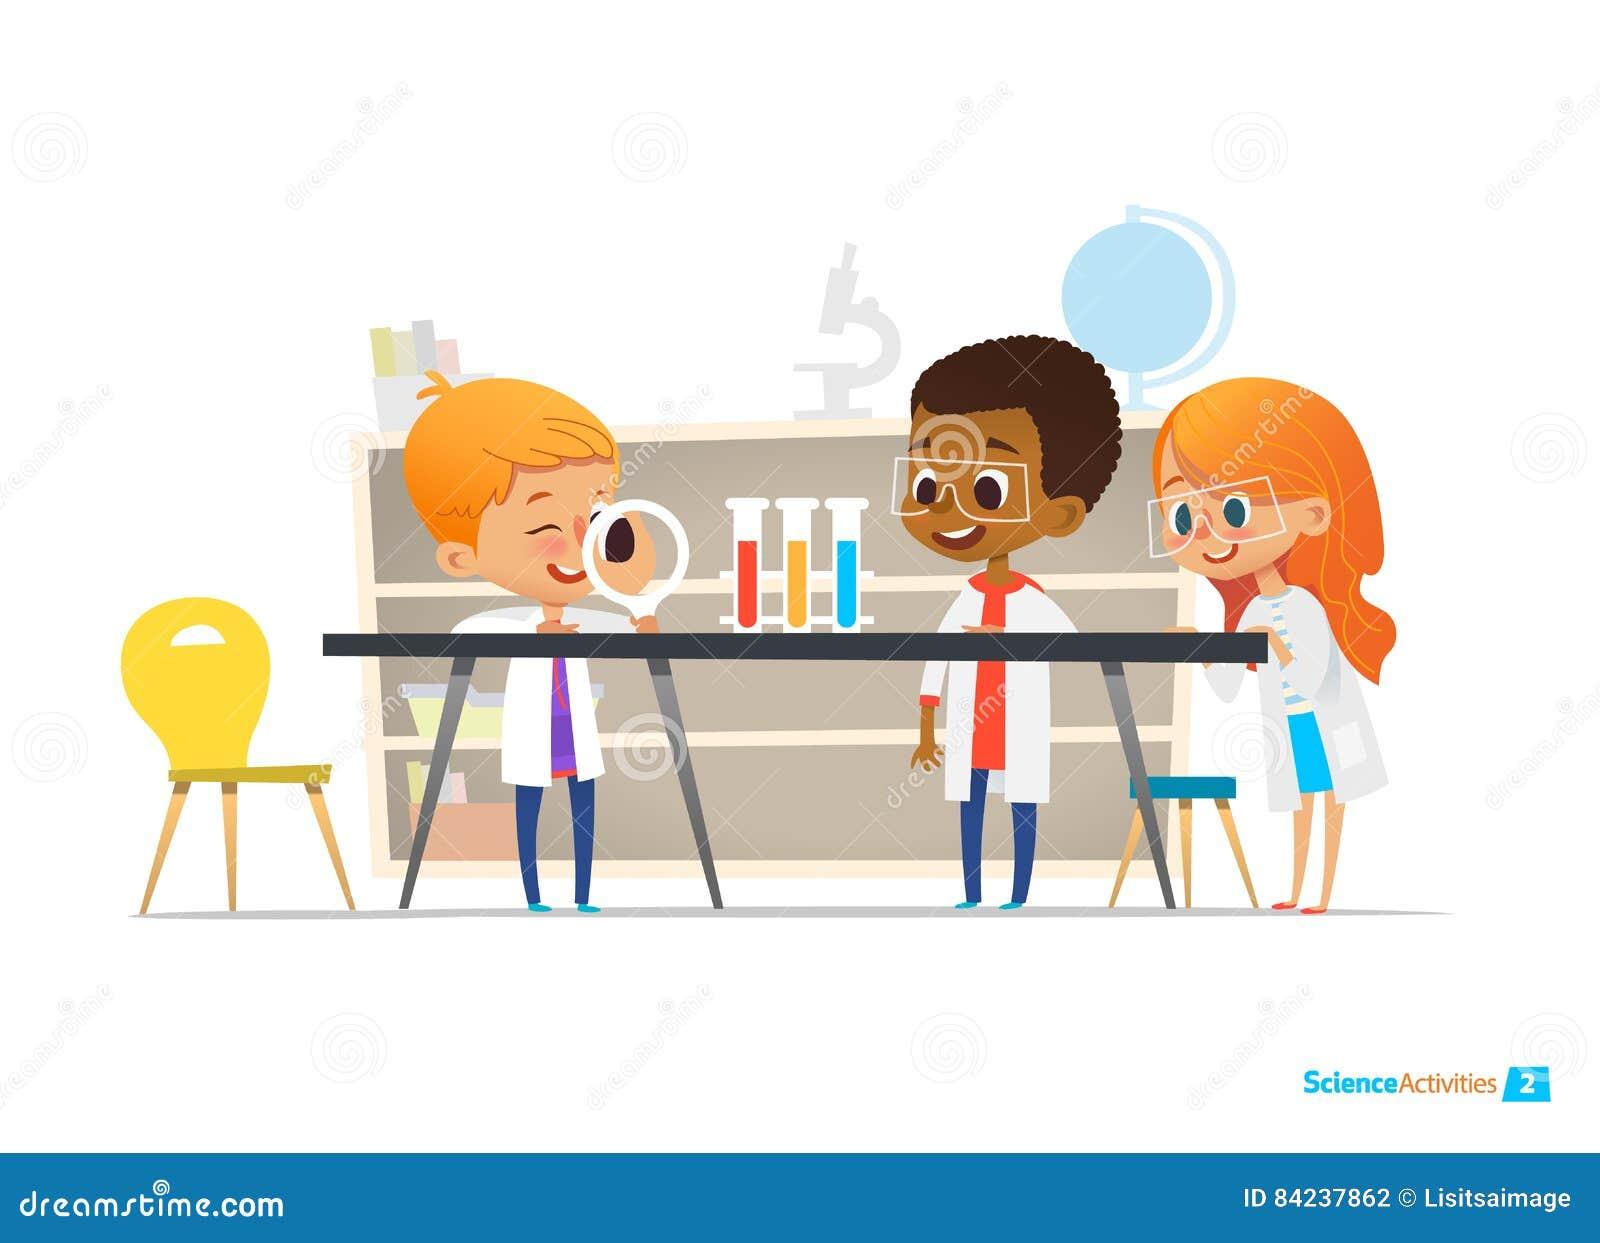 Skolbarn i labbkläder och säkerhetsexponeringsglas för vetenskapligt experiment med kemikalieer i kemilaboratorium